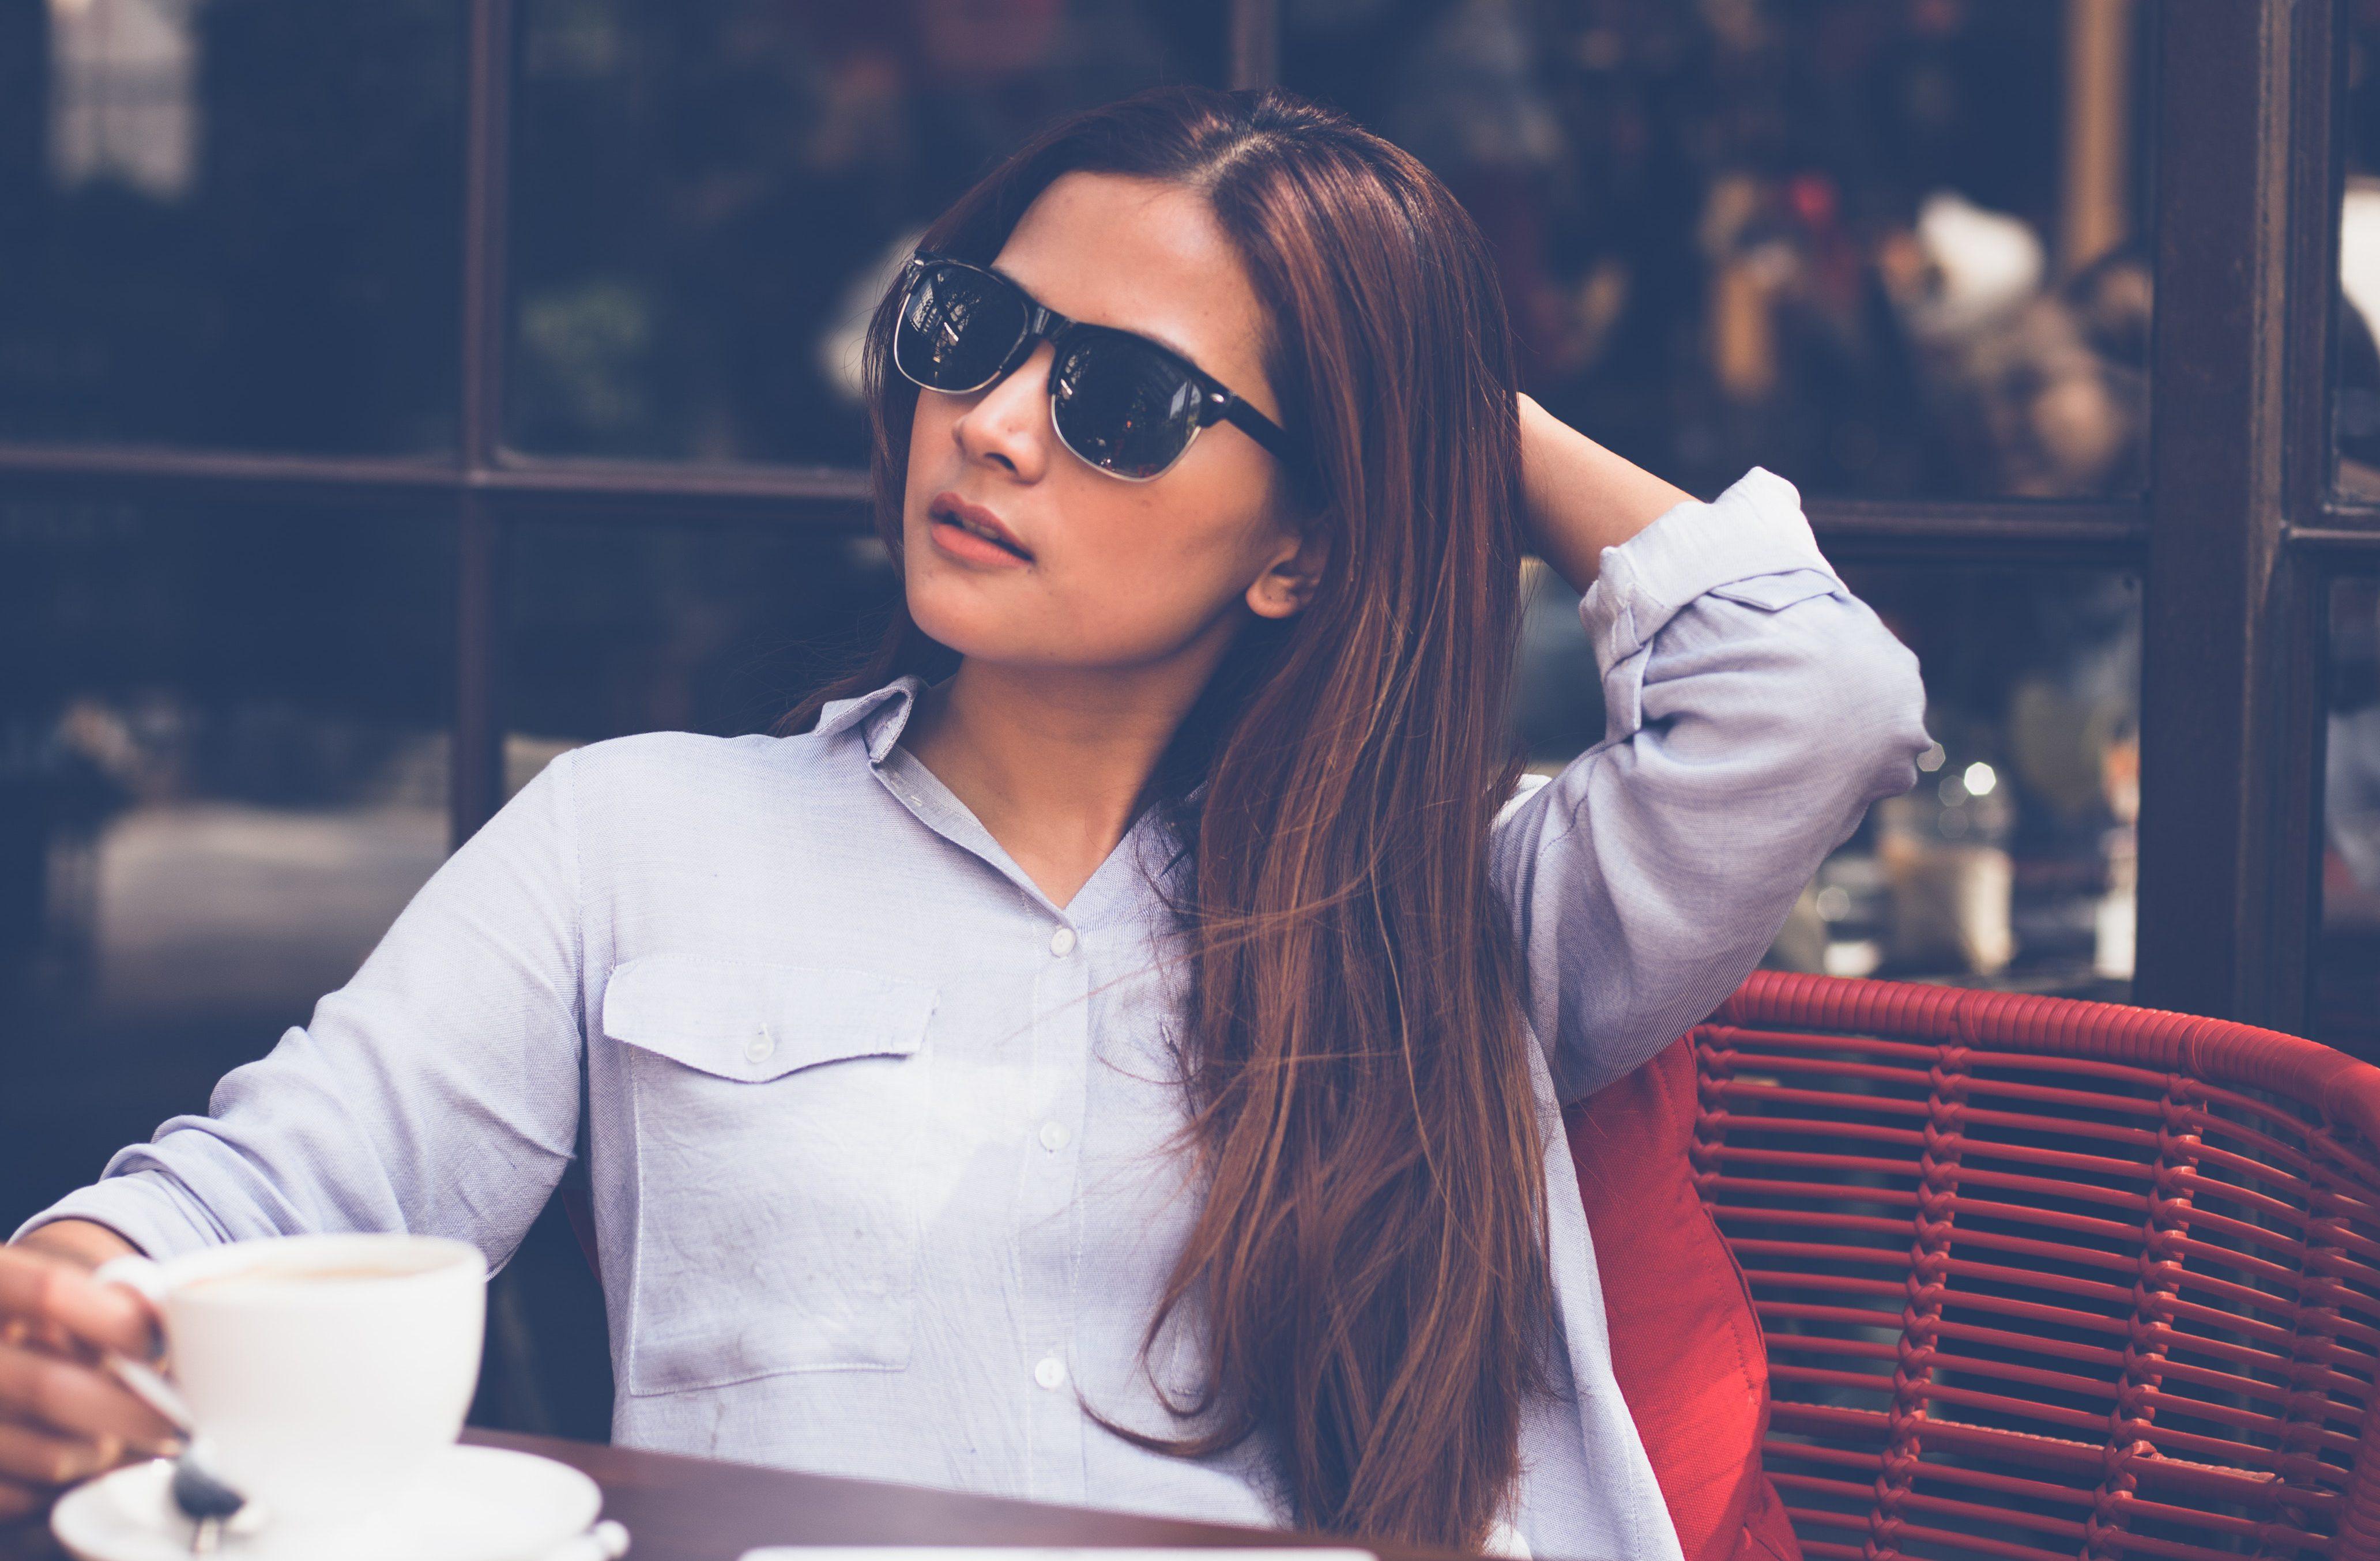 Como manter o cabelo liso? 4 cuidados essenciais para o dia a dia